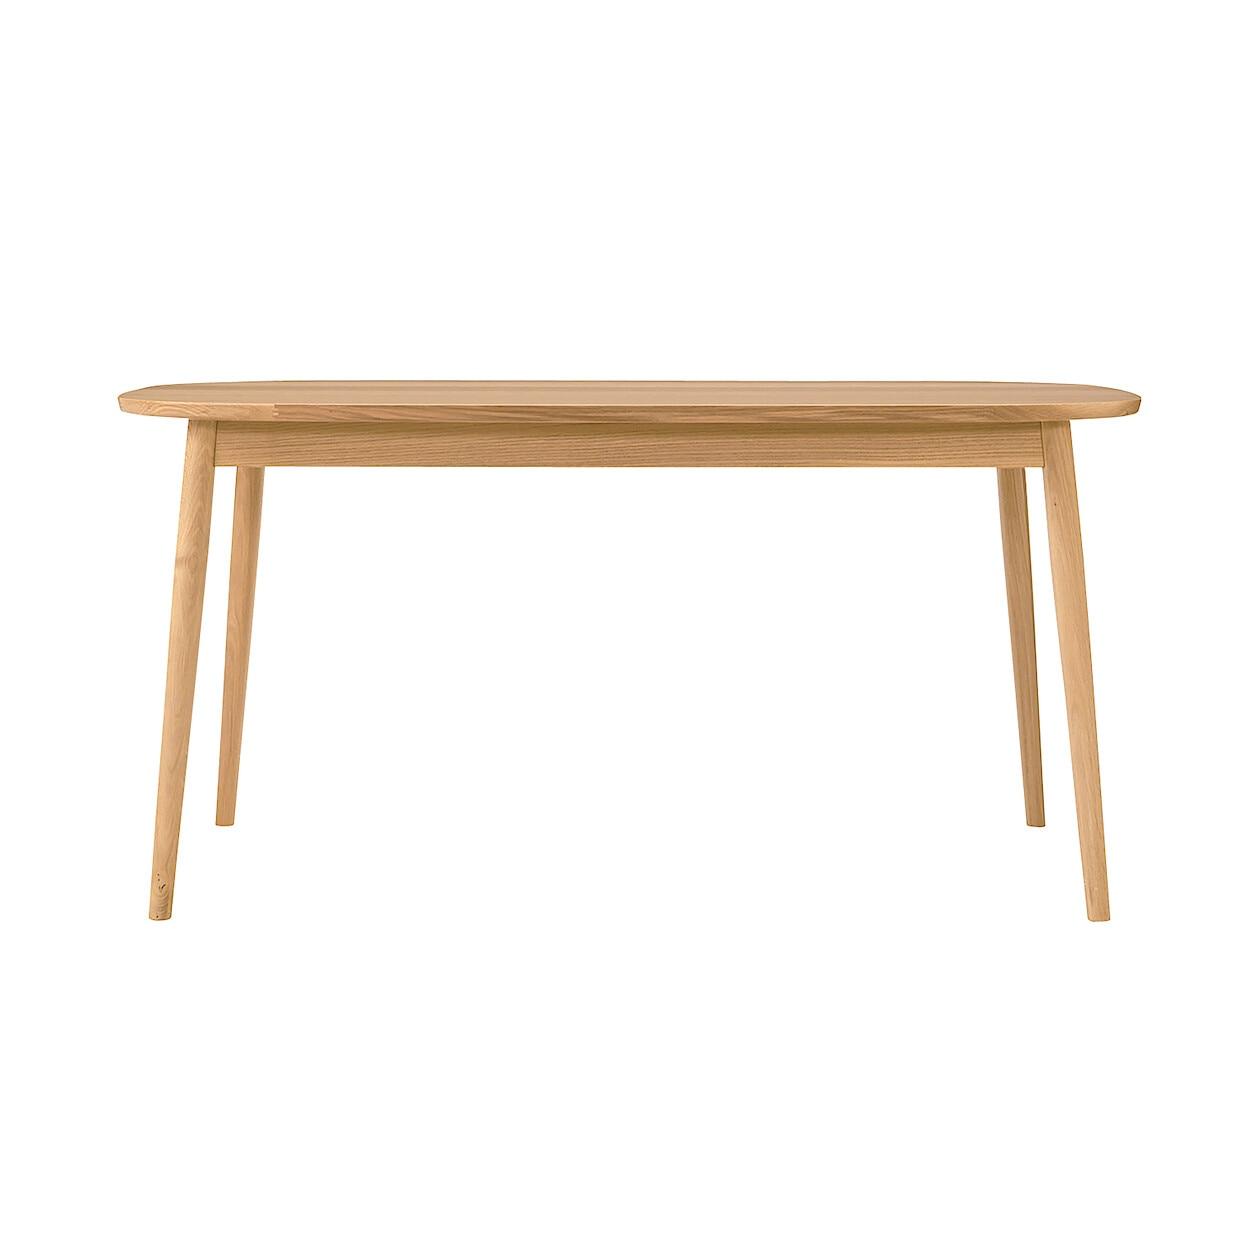 オーク材テーブル・丸脚・幅150cm